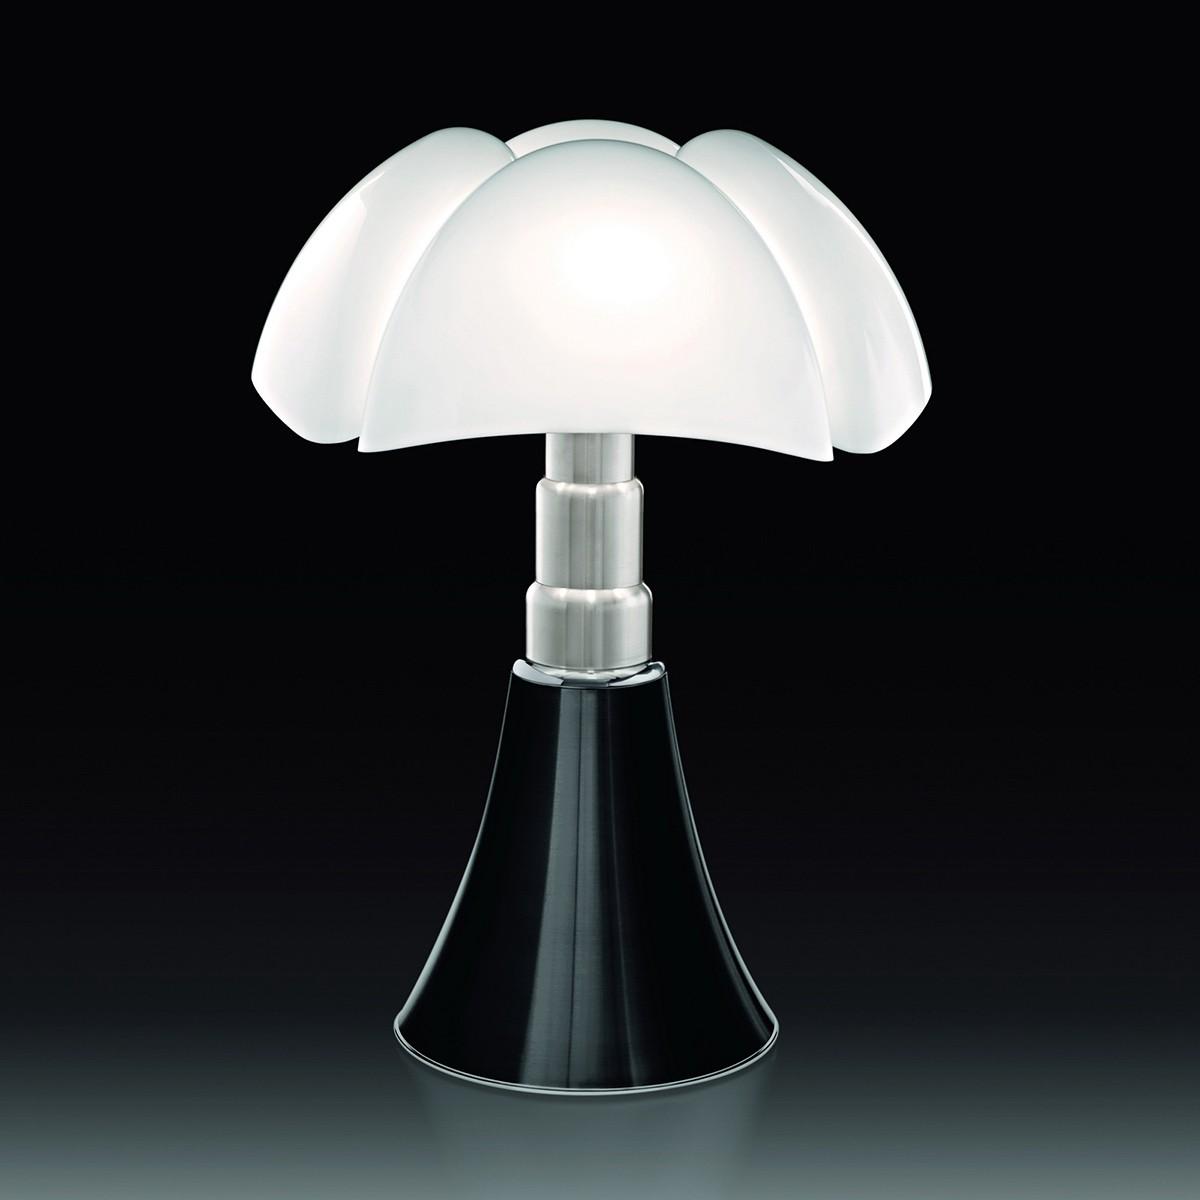 Lampe pipistrello noir laqu led par martinelli luce pipistrello martinelli - Achat lampe pipistrello ...